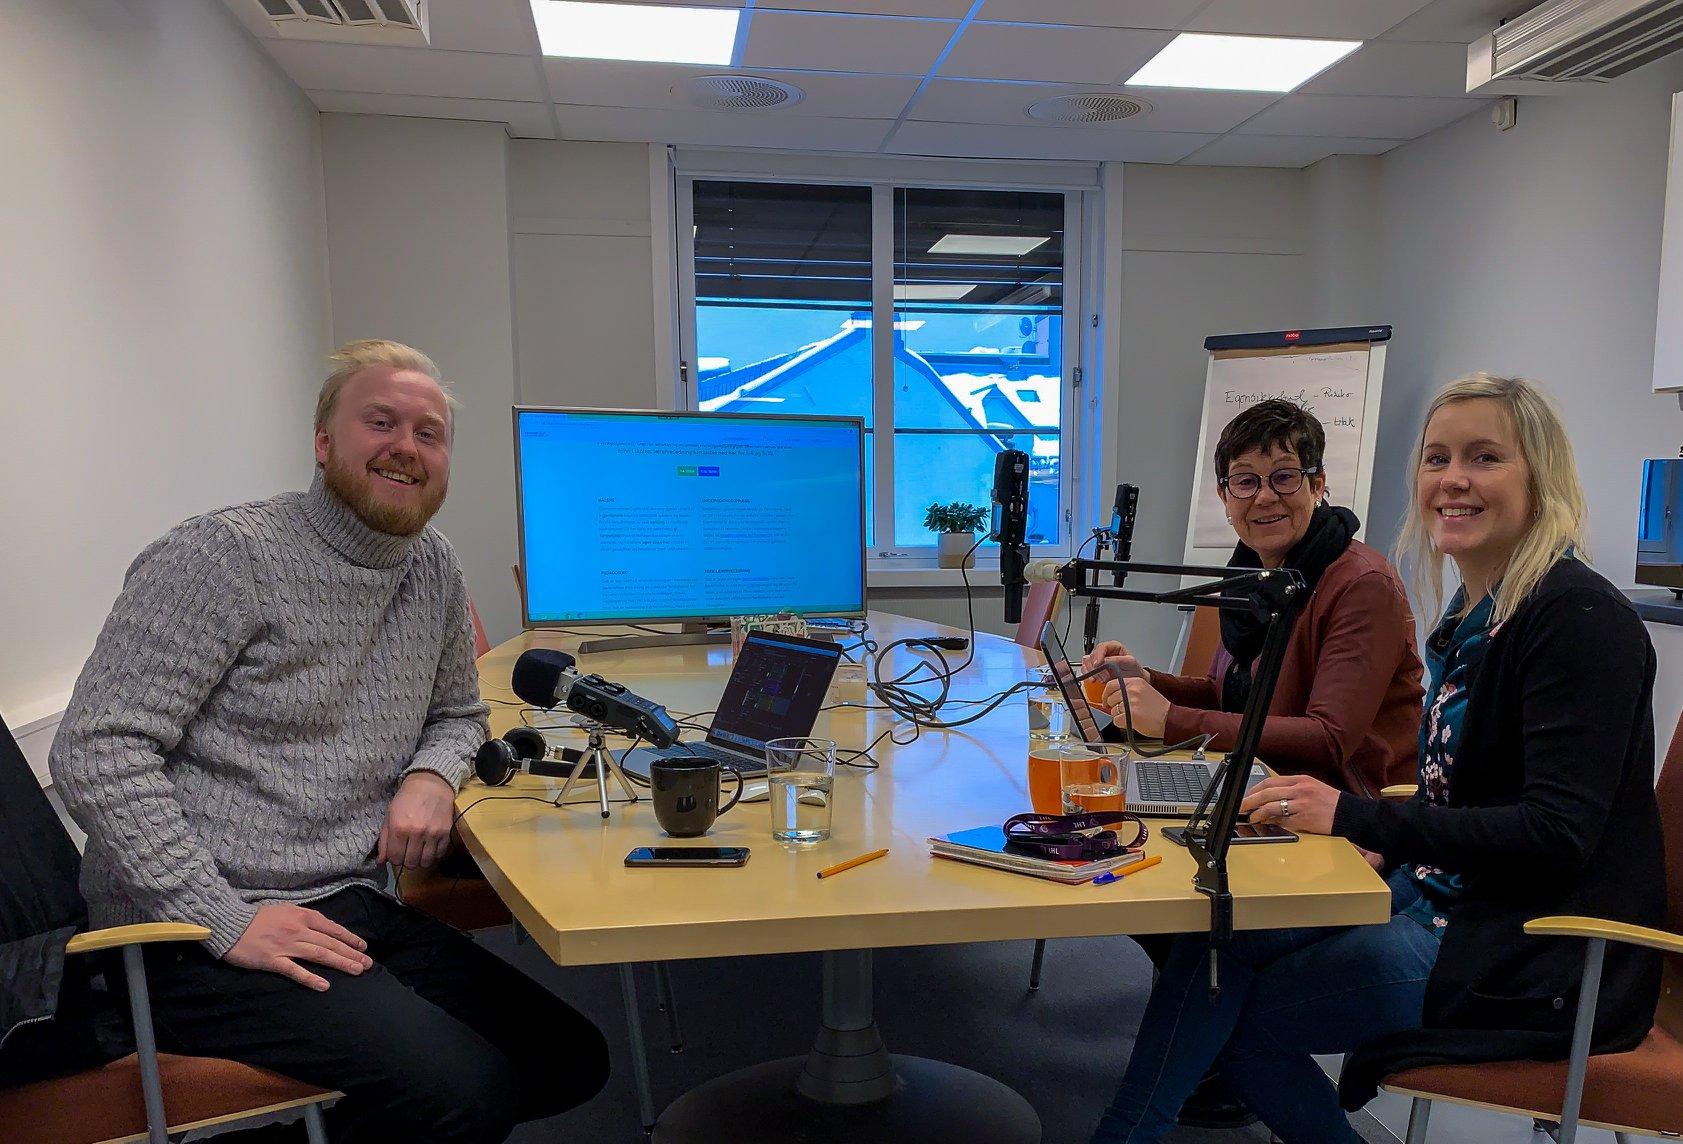 LHL er med på dugnaden «Sammen redder vi liv» - Marit Røed Halvorsen og Ruth-Jorunn Segadal Breiland forteller